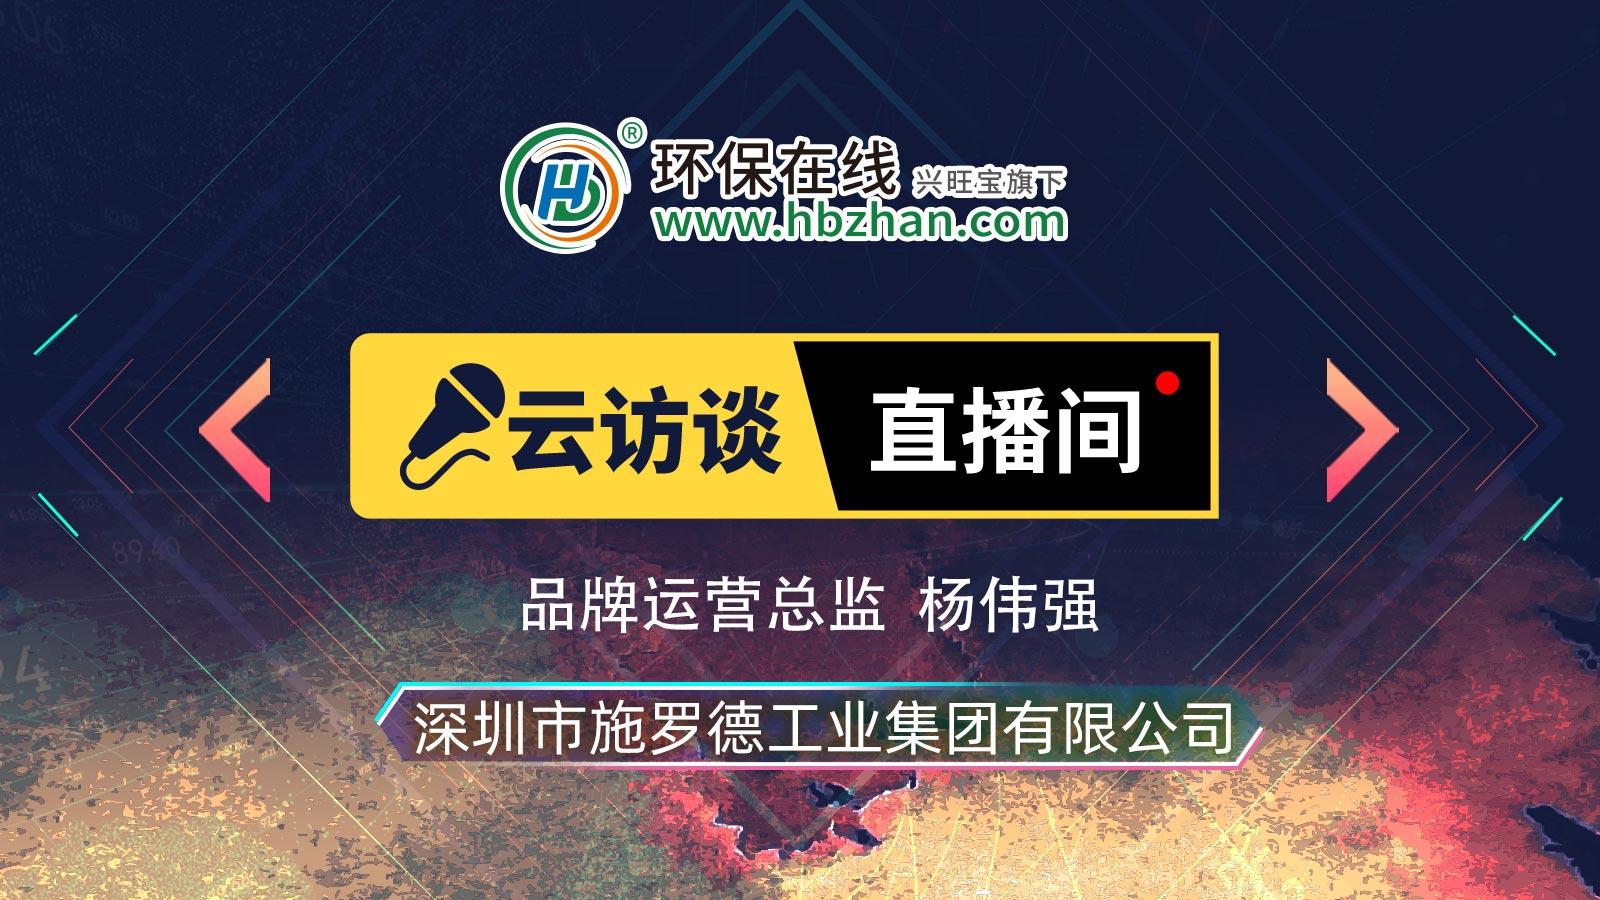 云访谈:专访深圳市施罗德工业集团品牌运营总监杨伟强